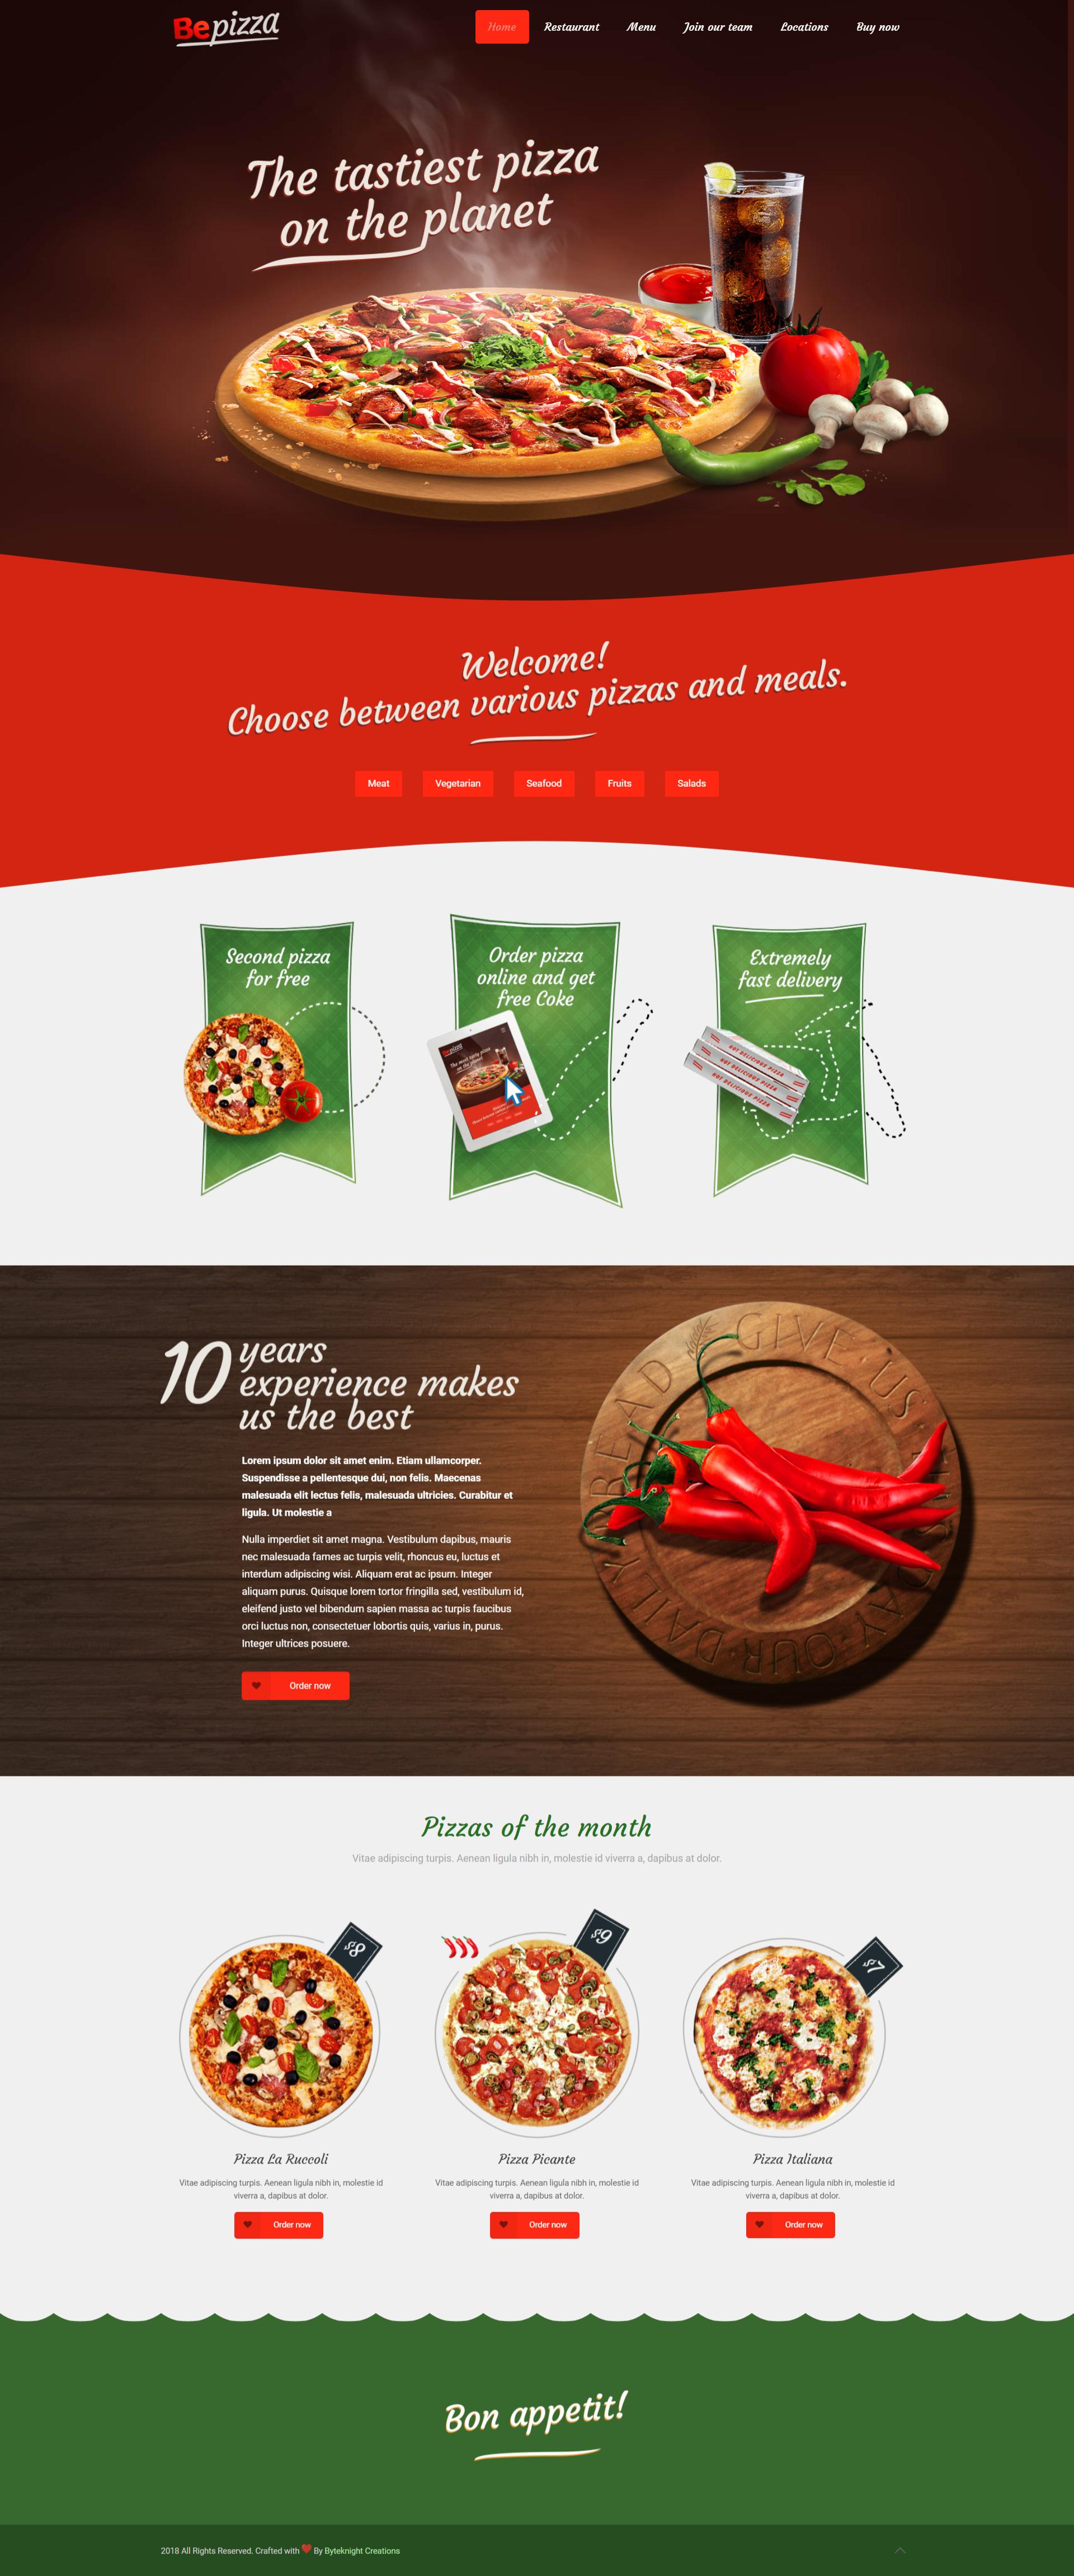 Bk Web Designs Pizza Maker Website Design Demo Pizza Restaurant Website Design Demo Bkwebdesigns Bkdemos Designs De Websites Design Sites Midias Sociais